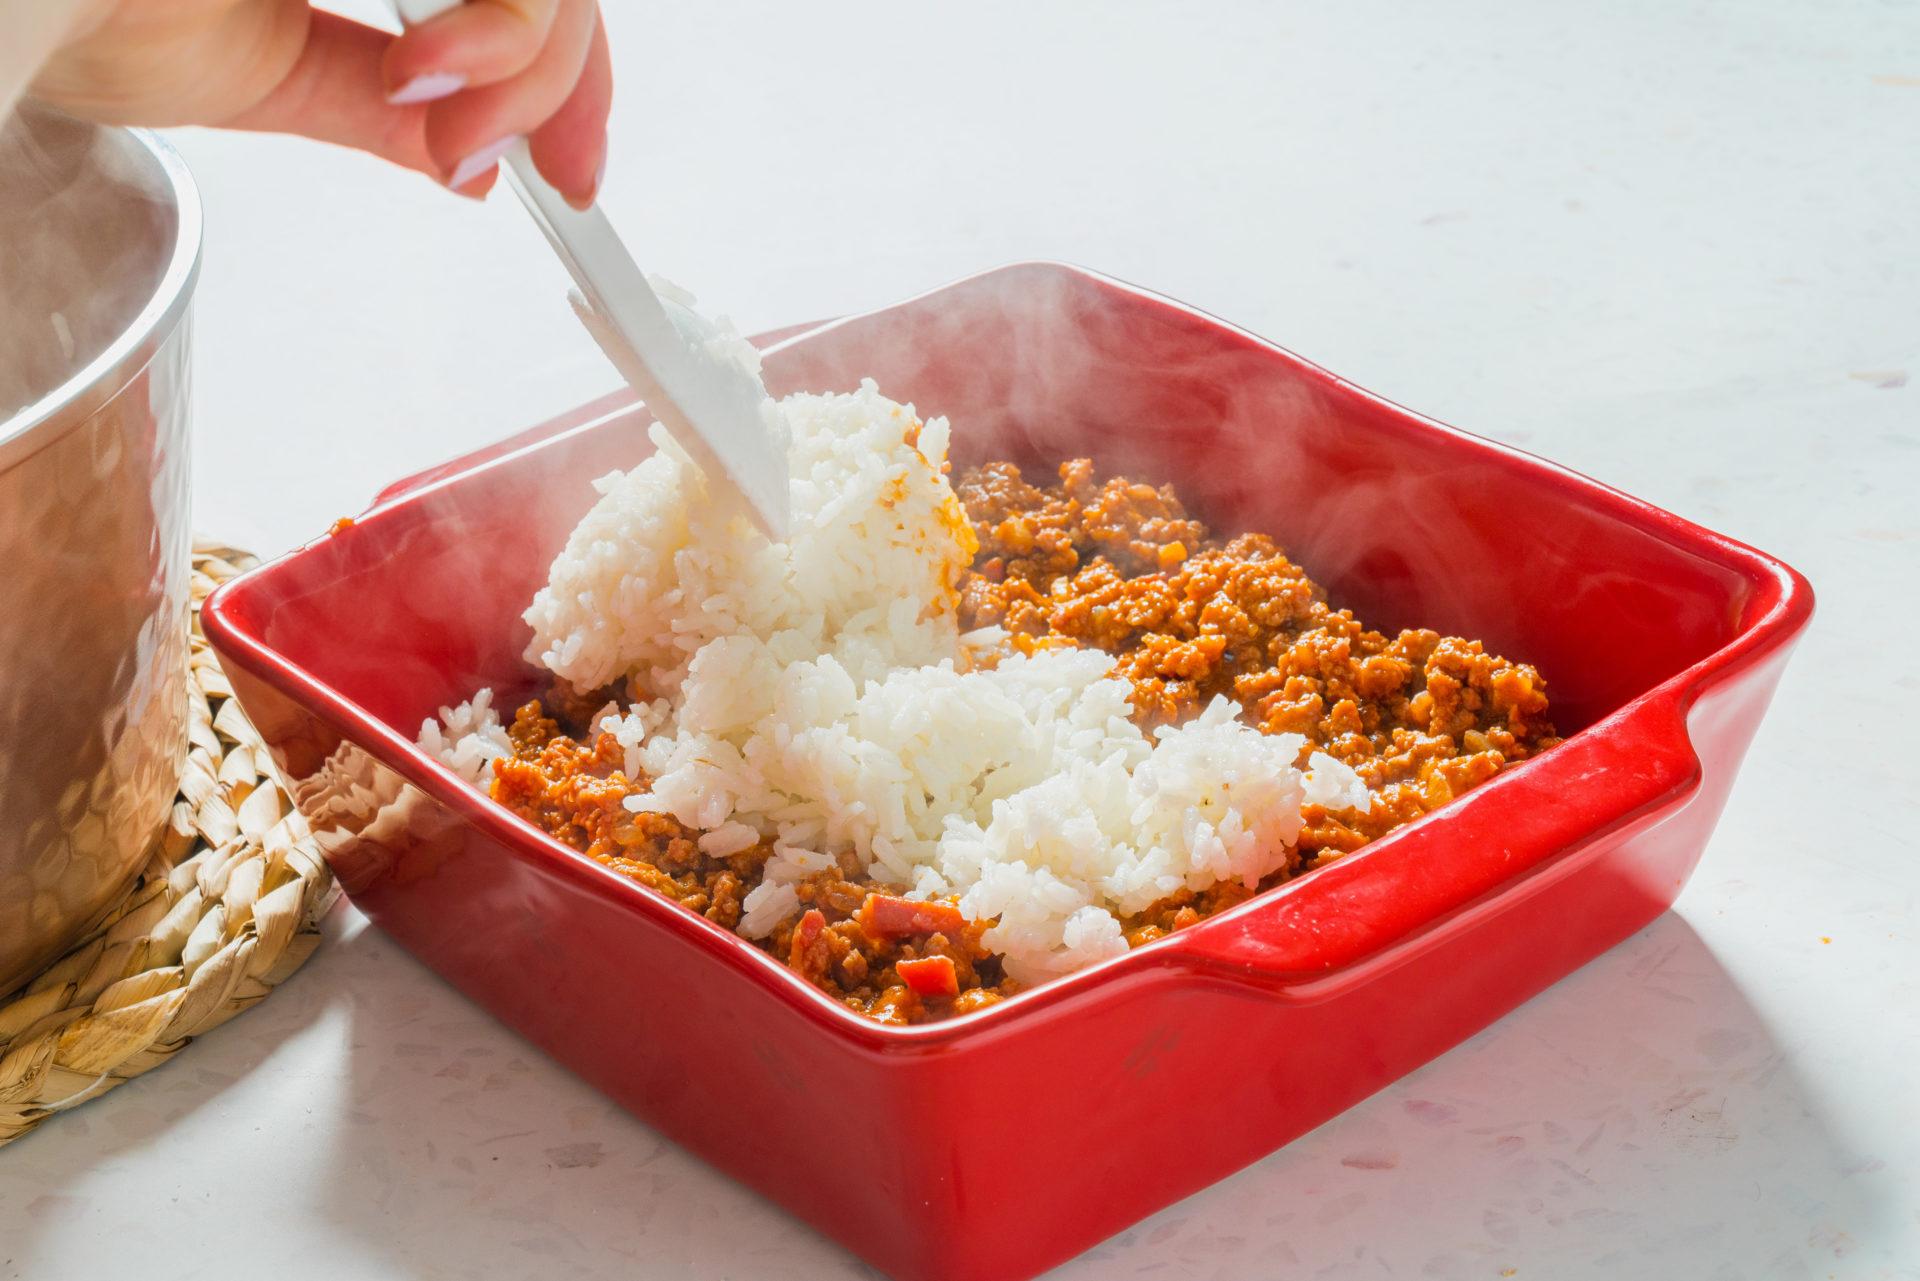 Cobrimento do preparado de carne com arroz